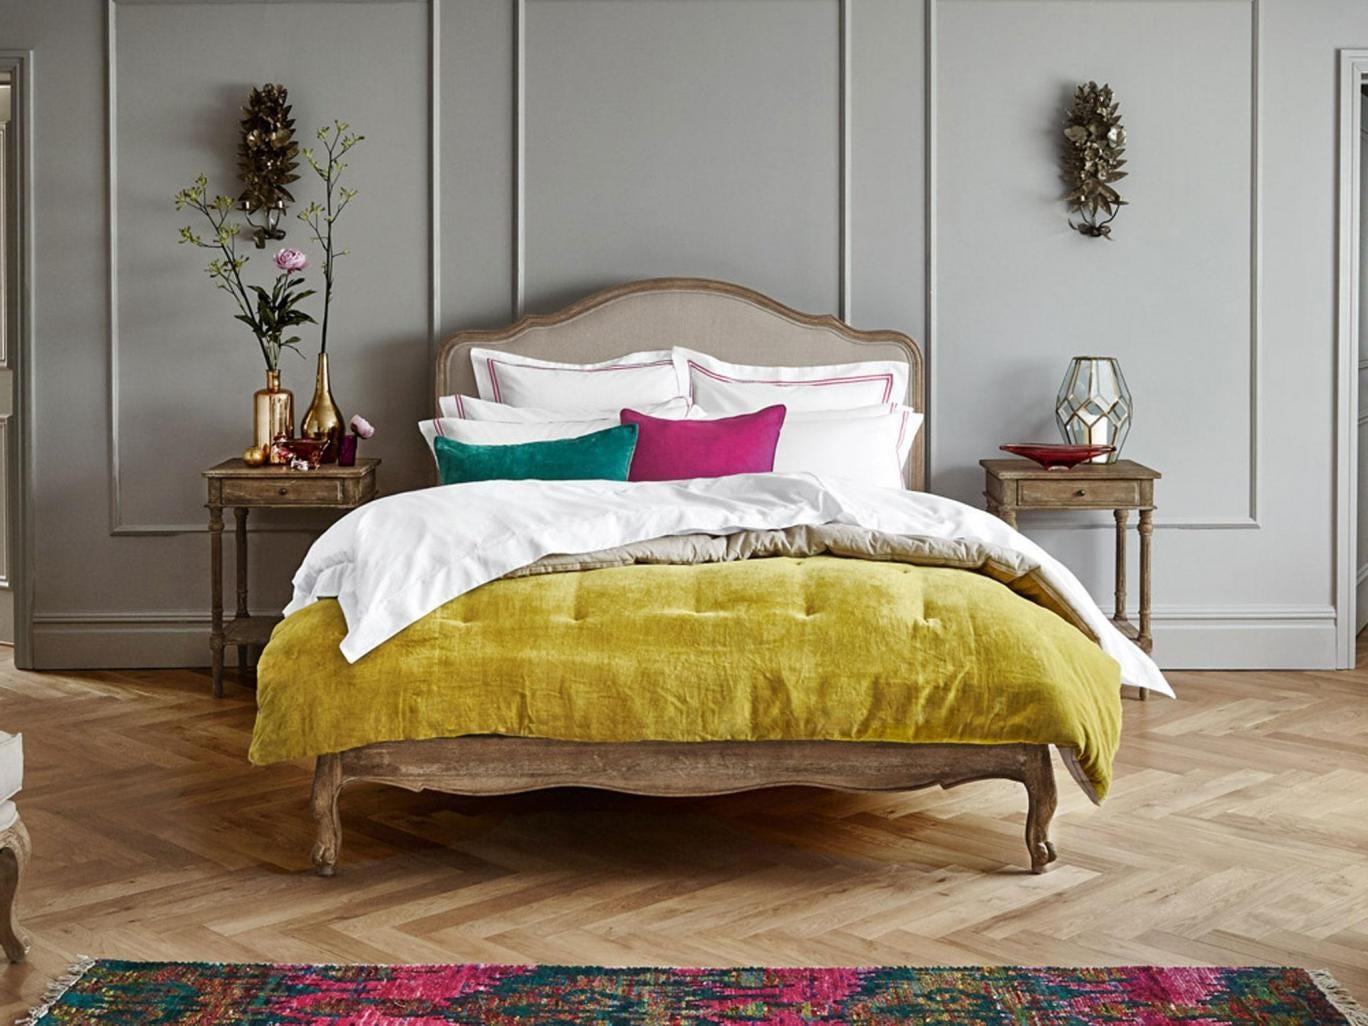 10 Best Beds